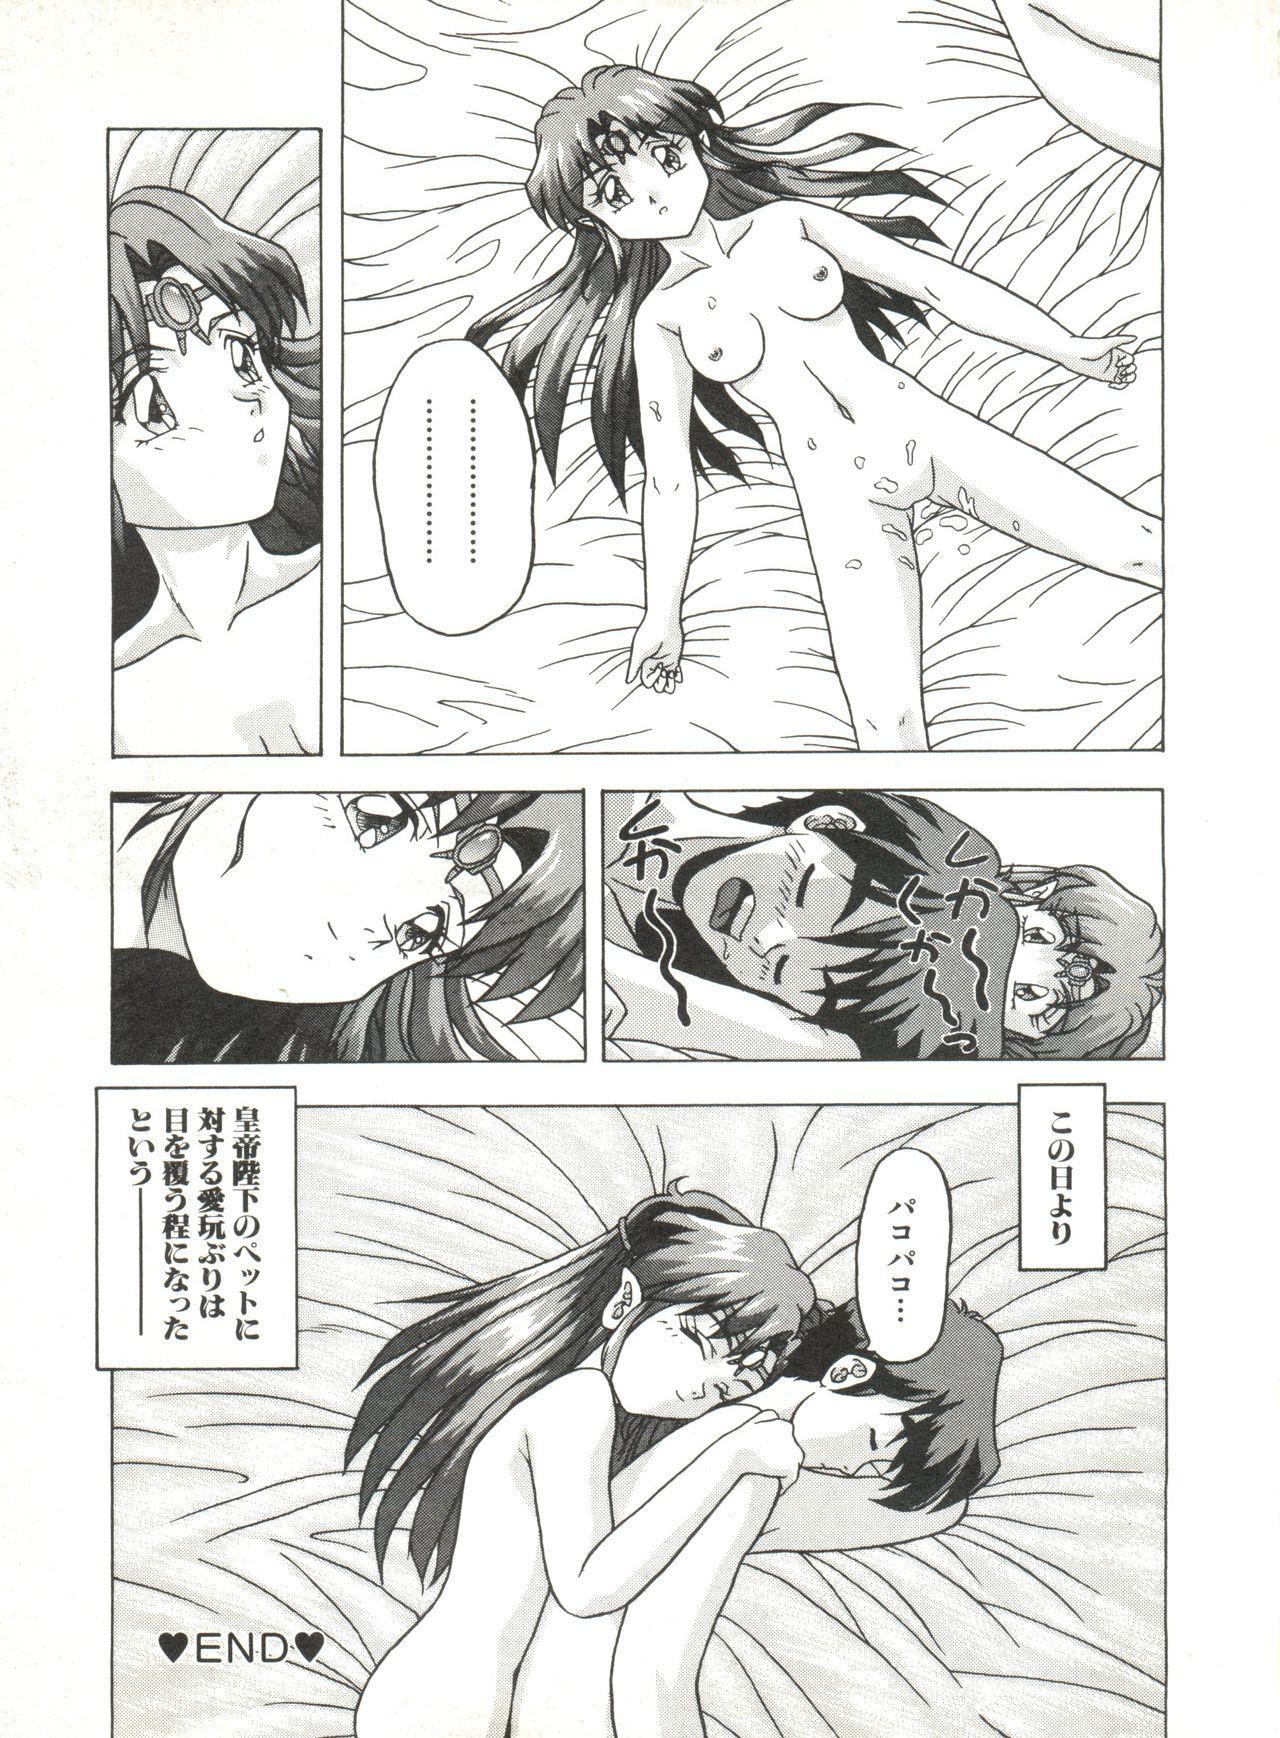 Bishoujo Doujinshi Anthology 6 48